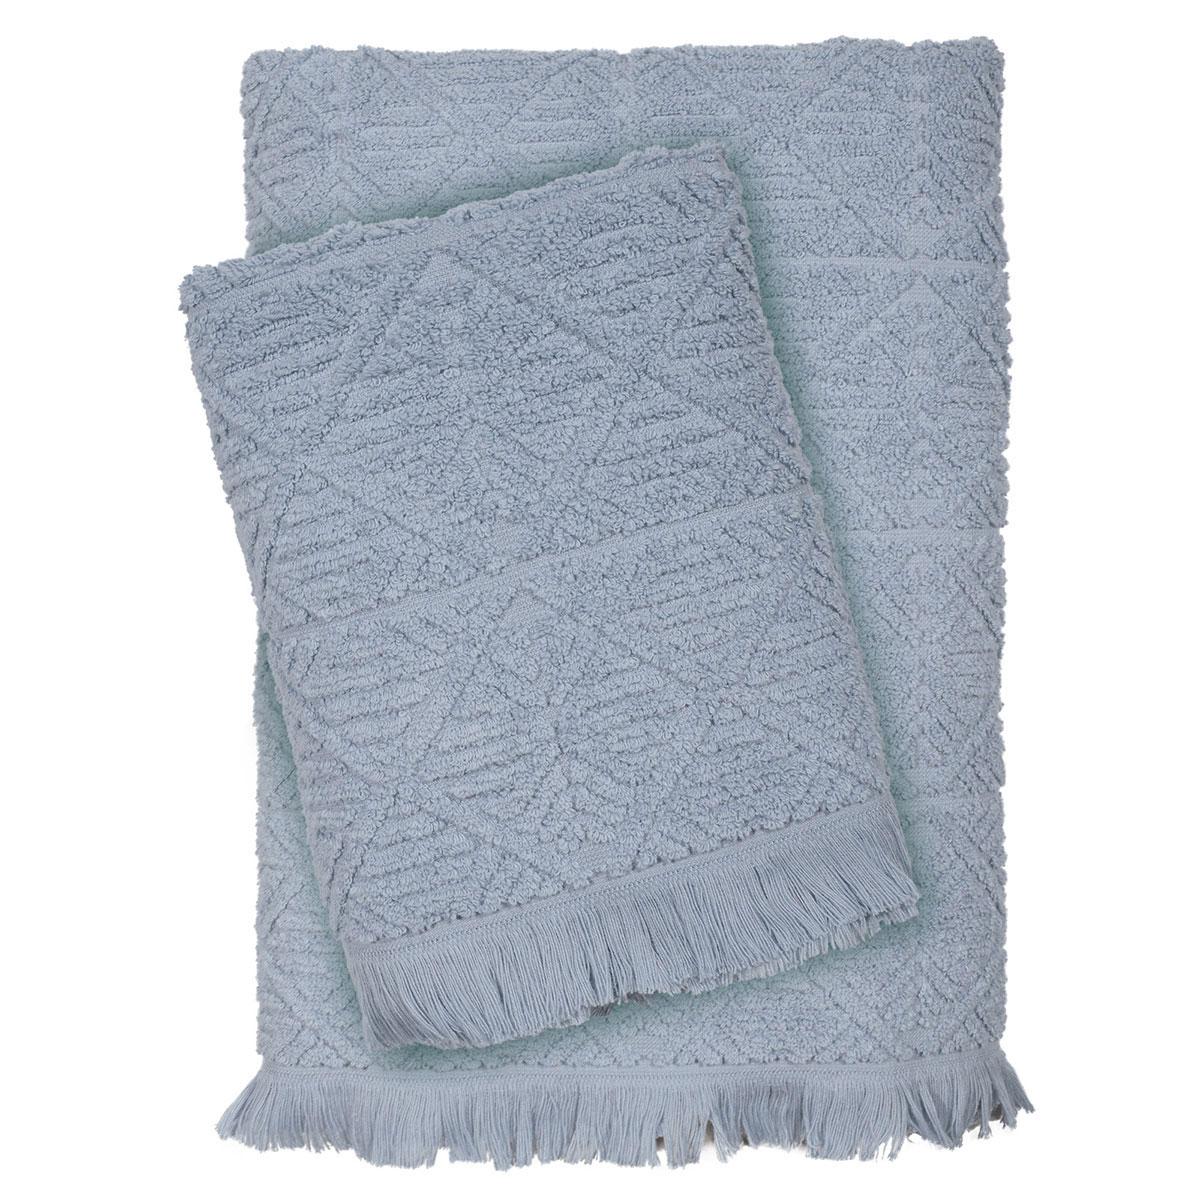 Πετσέτες Μπάνιου (Σετ 3τμχ) Das Home Happy Line 423 Grey